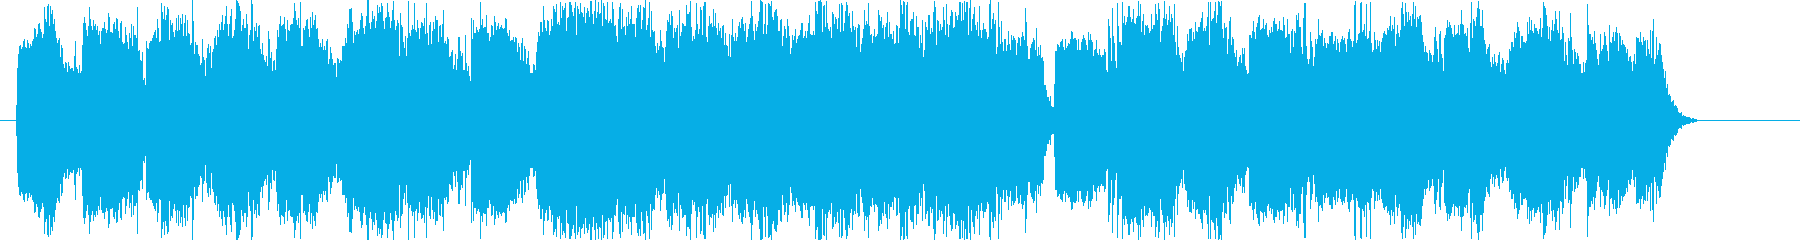 ちょっと不思議で透明感のある環境音楽。…の再生済みの波形